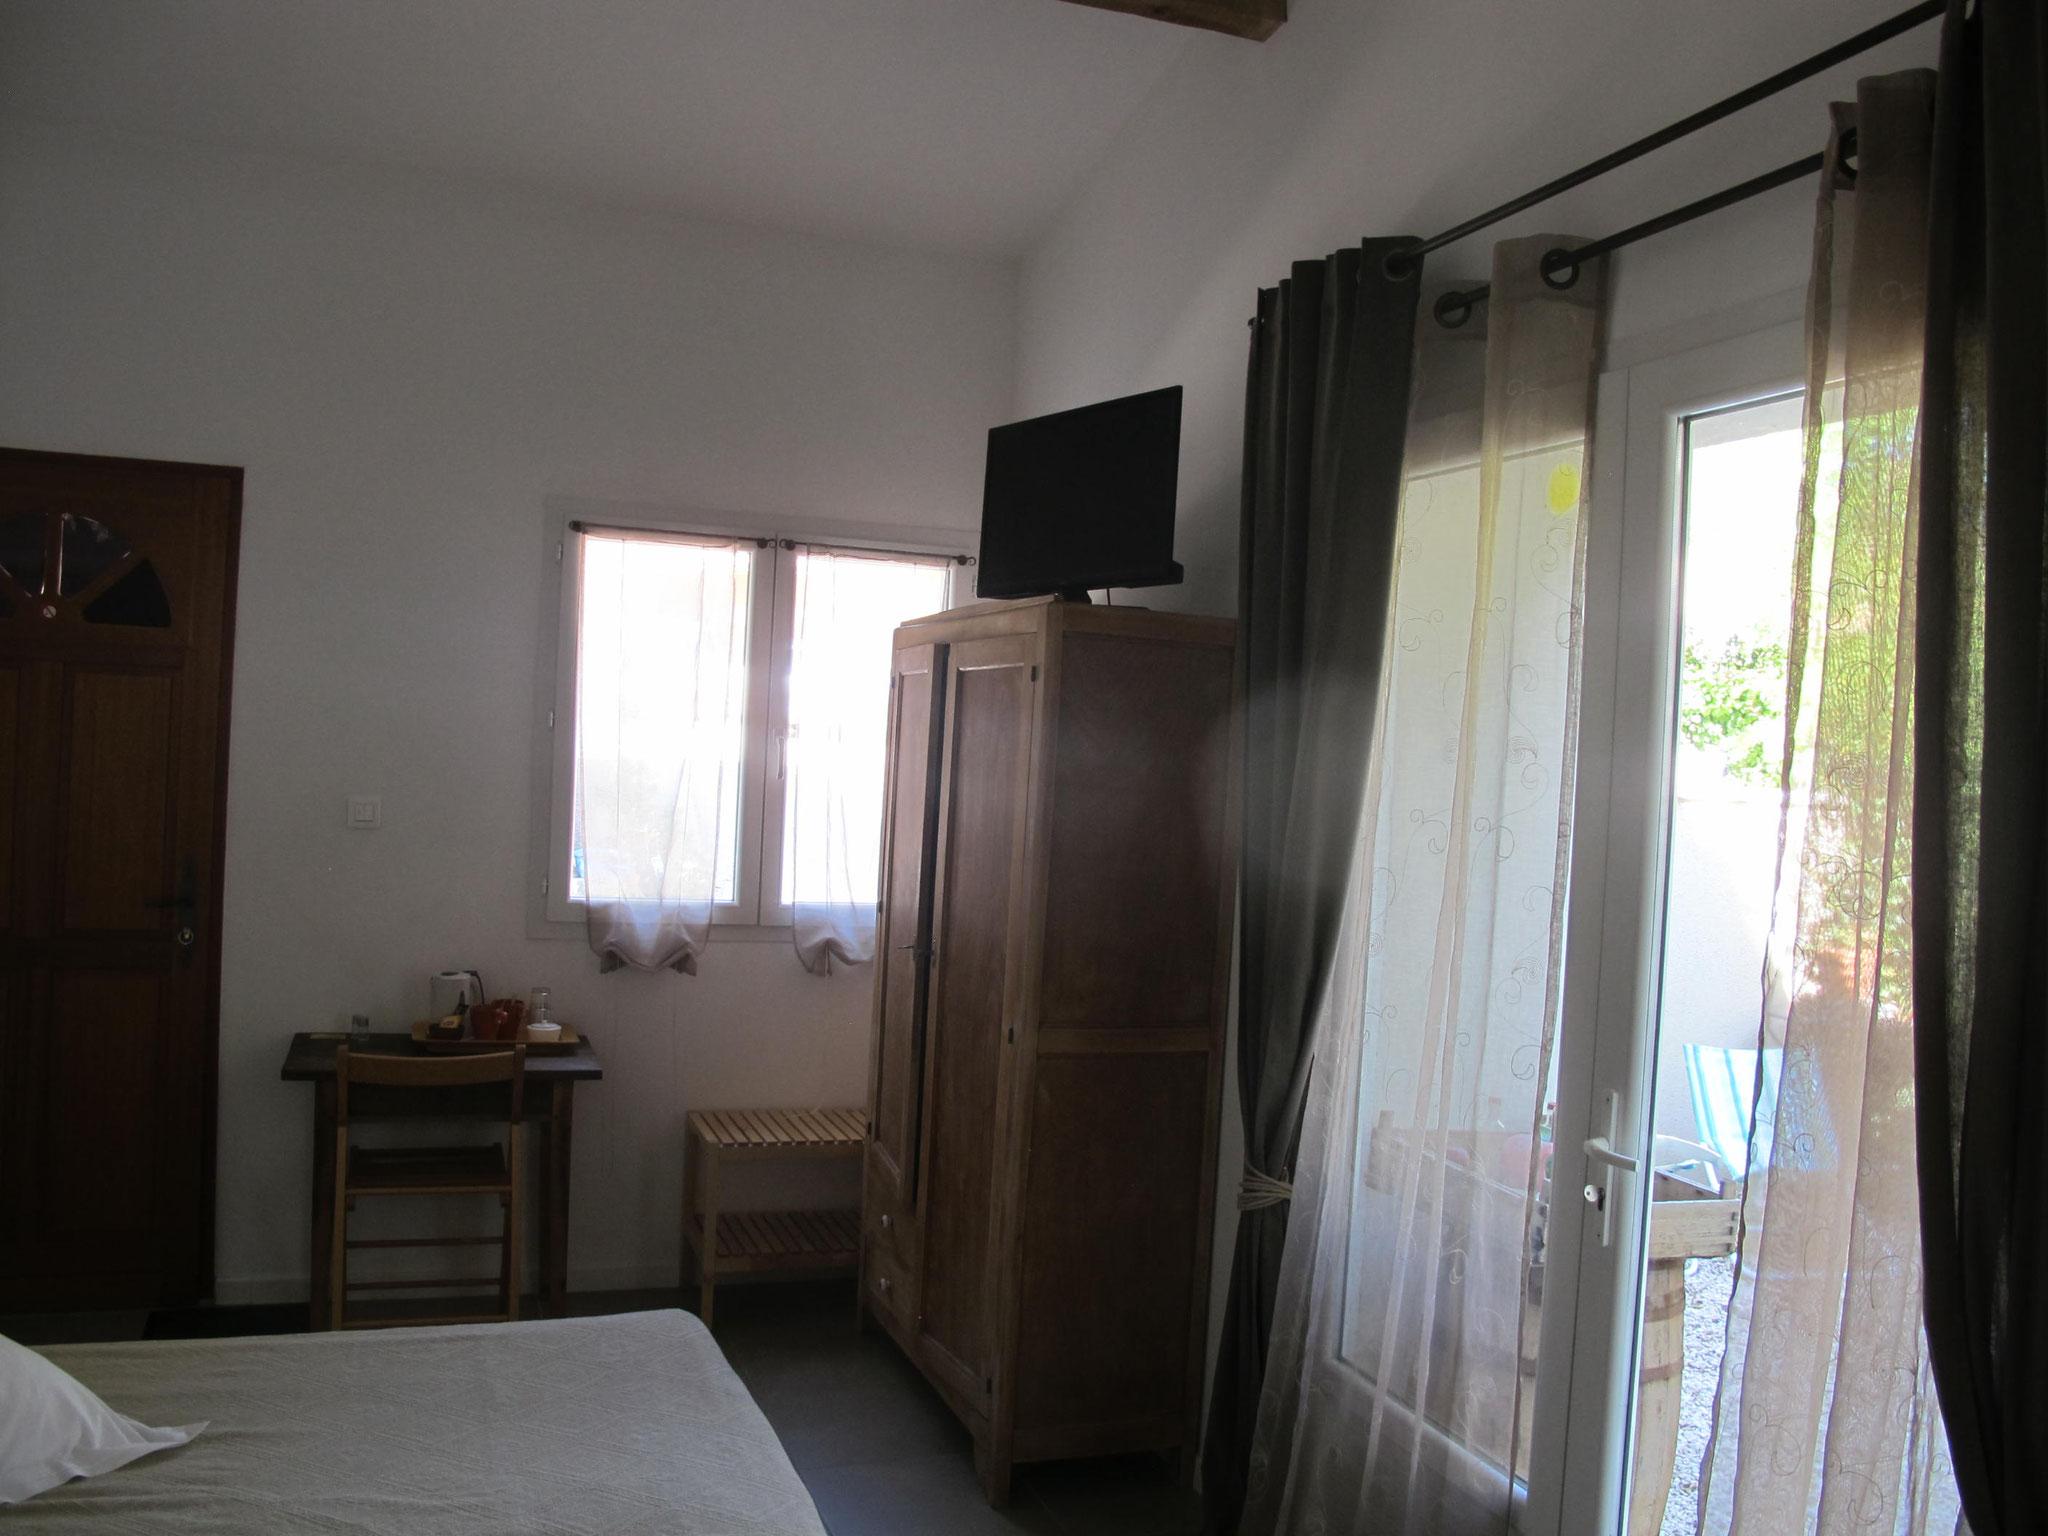 loucardaline-bedoin-ventoux-chambre d hotes-hébergement-vaucluse-double ou twin classic-randonnée